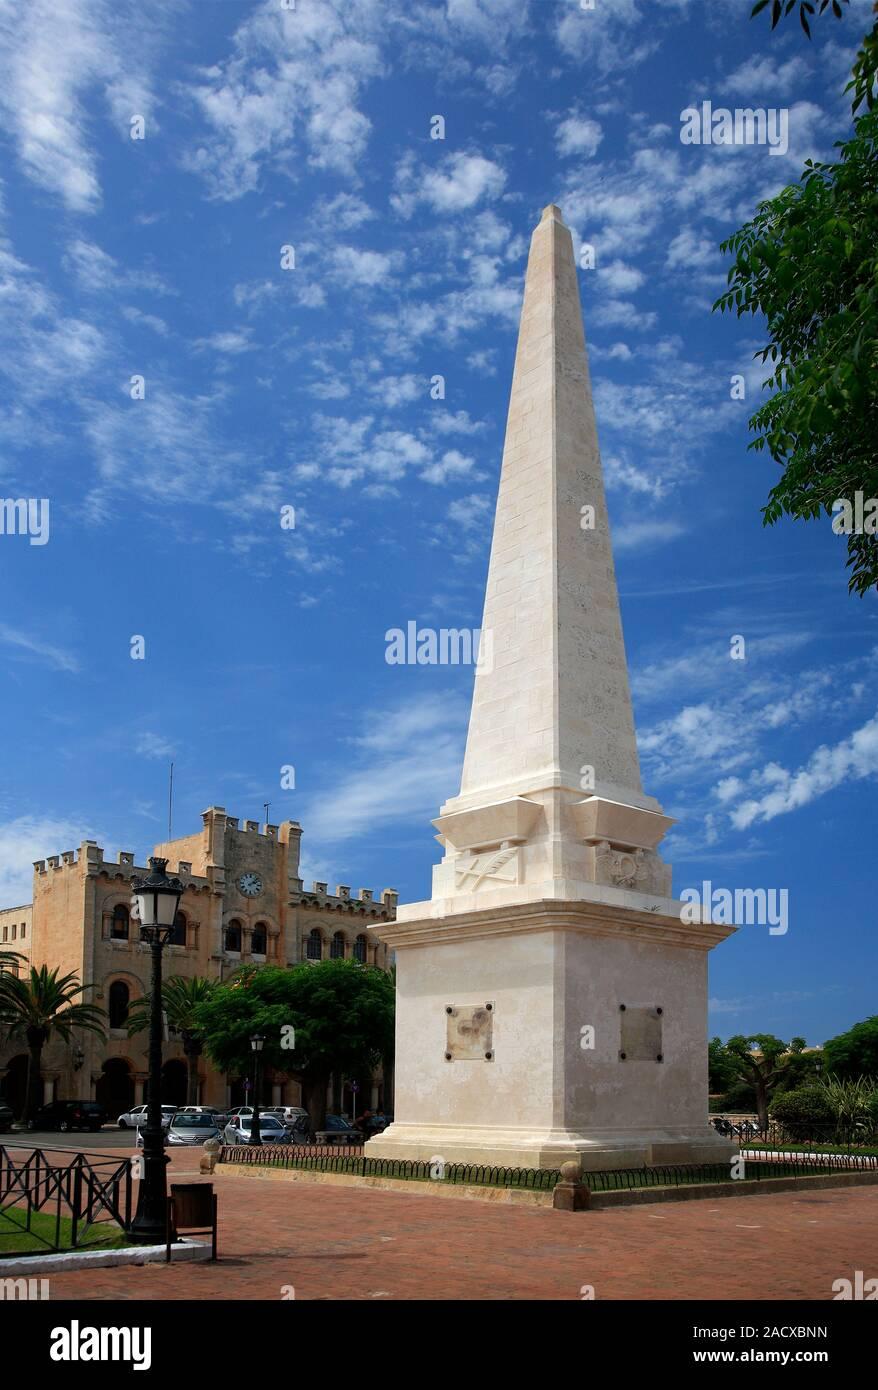 Der Obelisk und Street View, Ciutadella Stadt, Insel Menorca, Balearen, Spanien, Europa Stockfoto